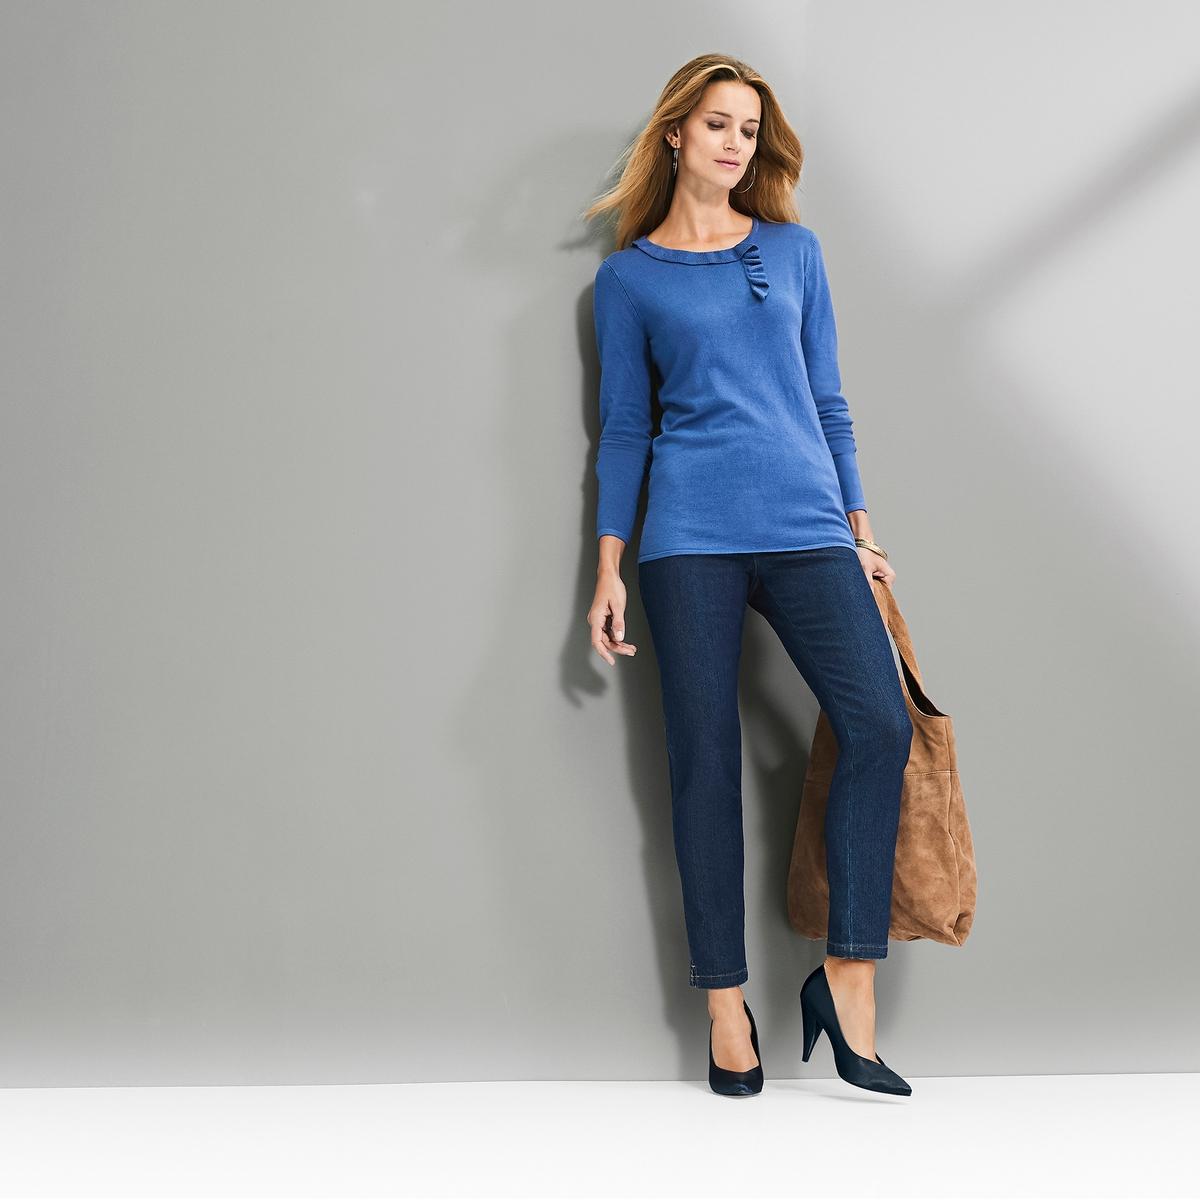 Imagen secundaria de producto de Vaqueros pitillo, cintura elástica - Anne weyburn